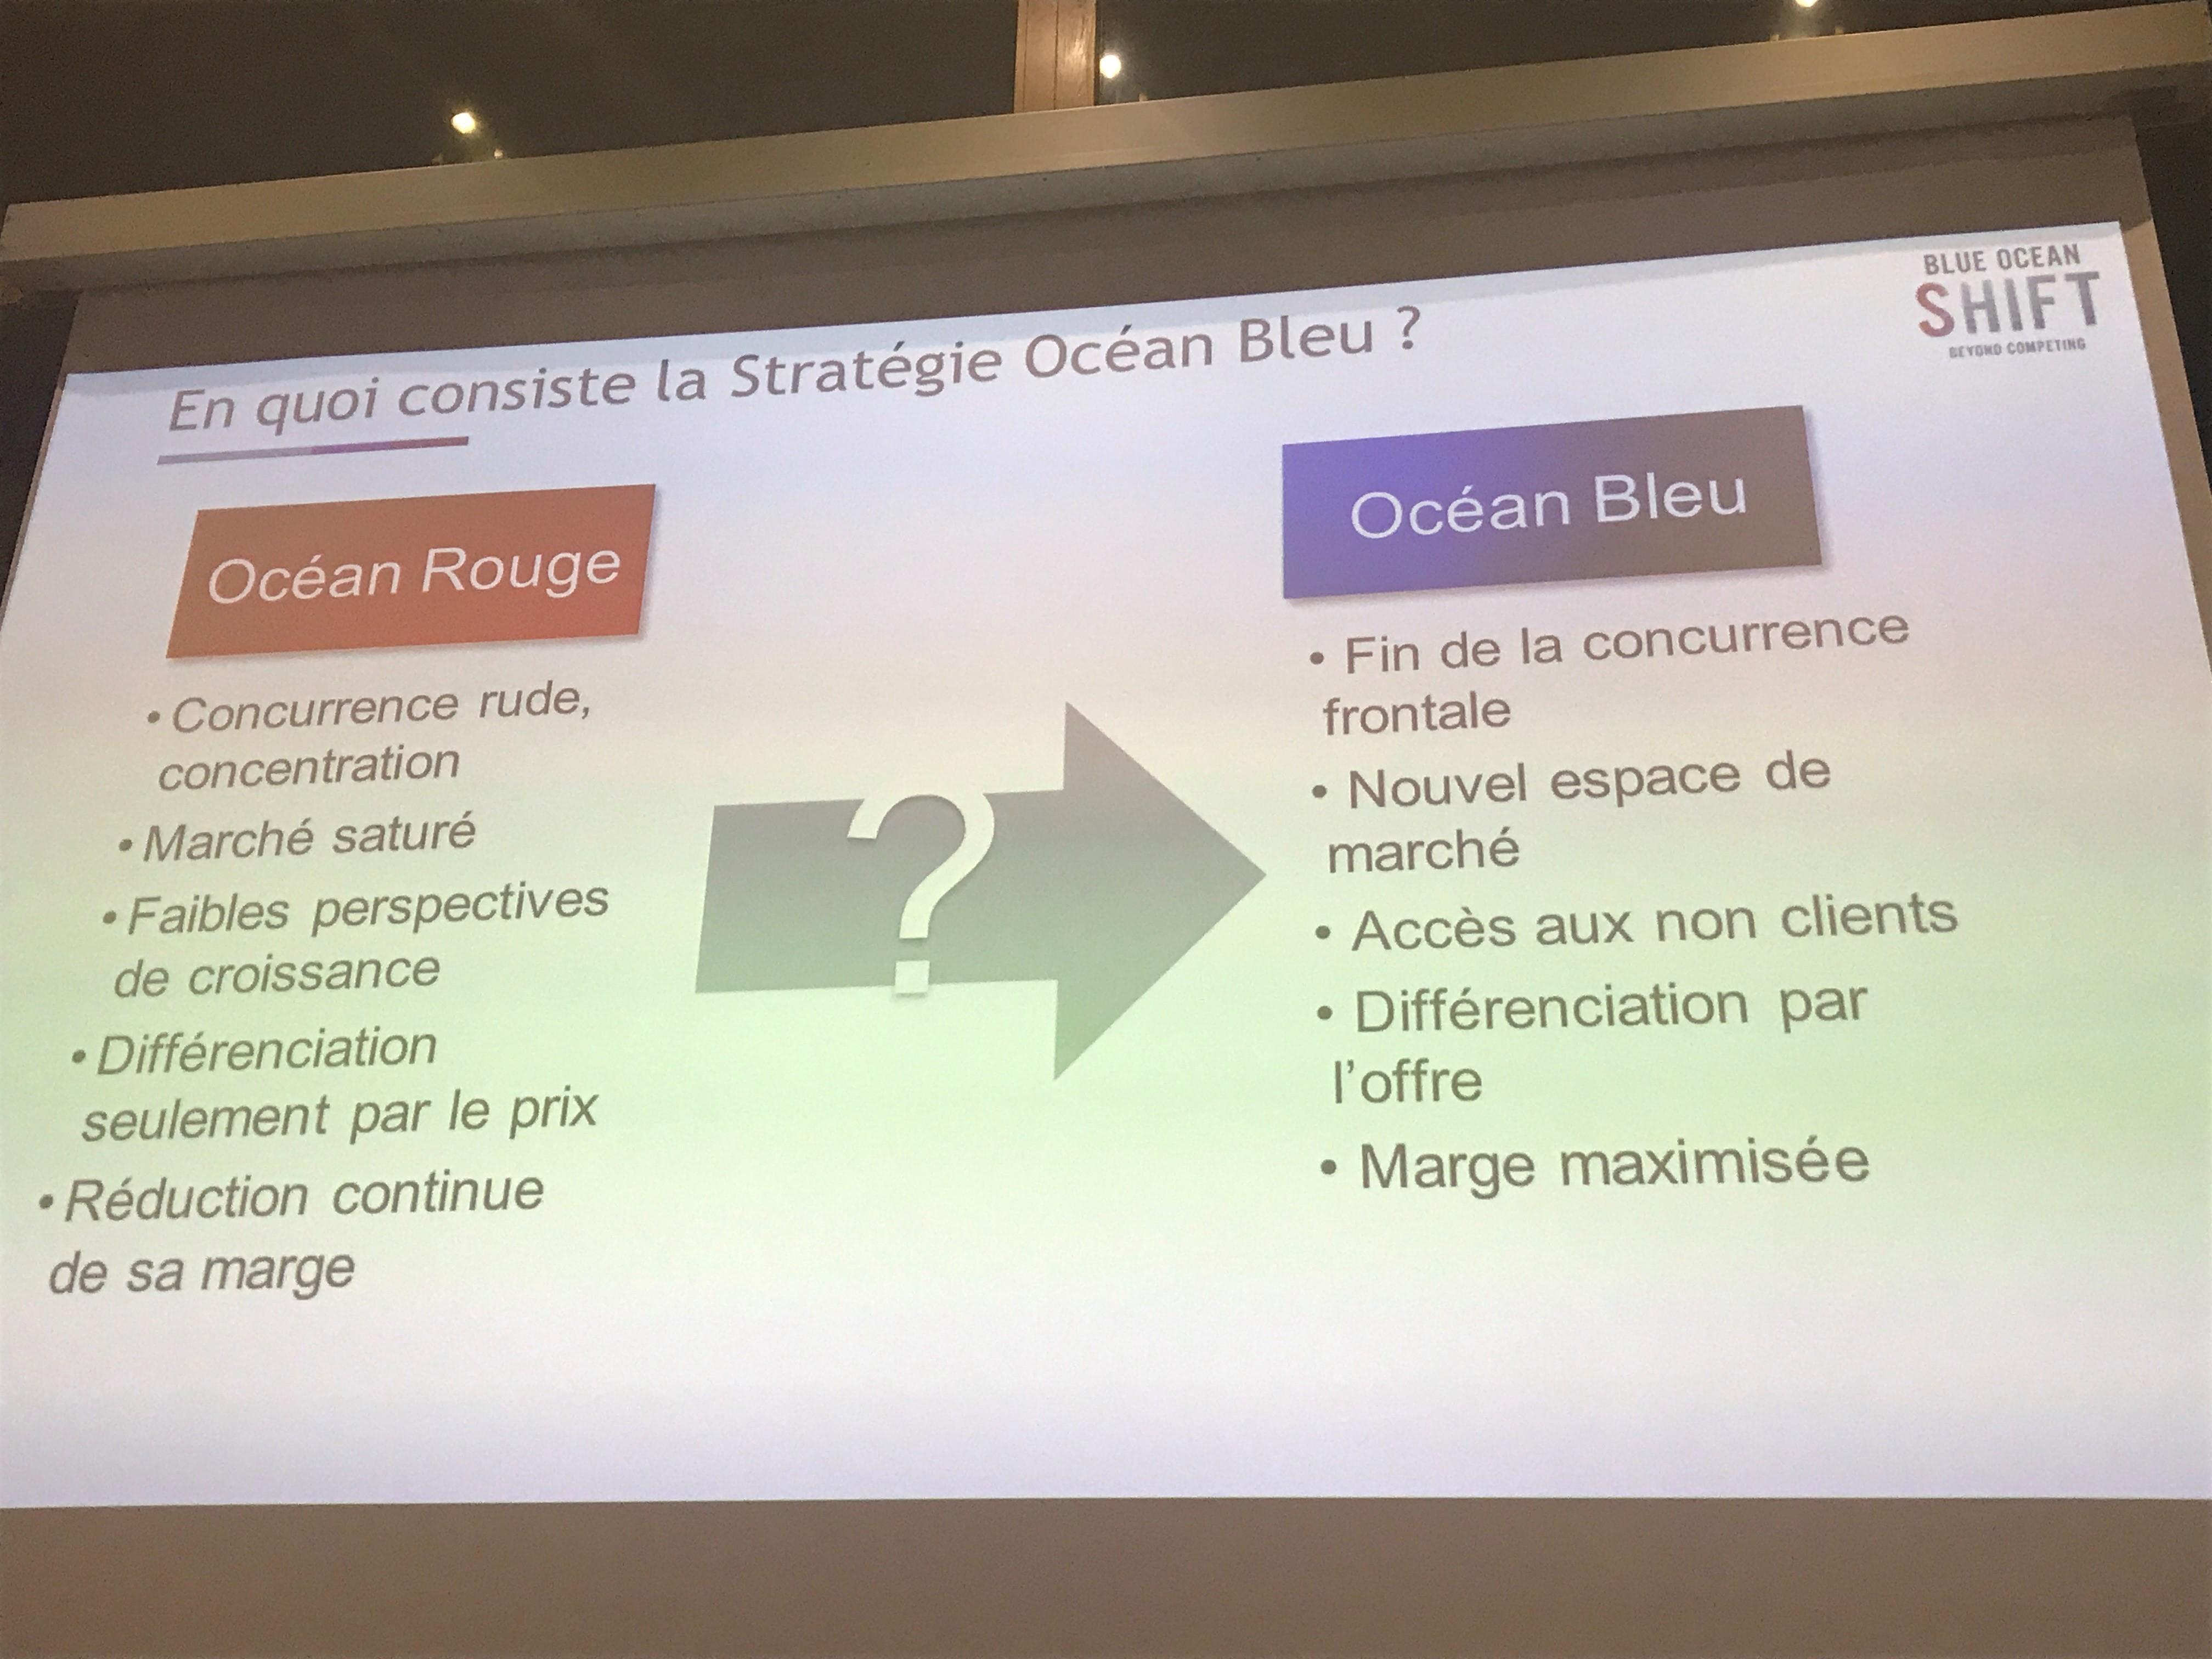 Ocean bleu 1